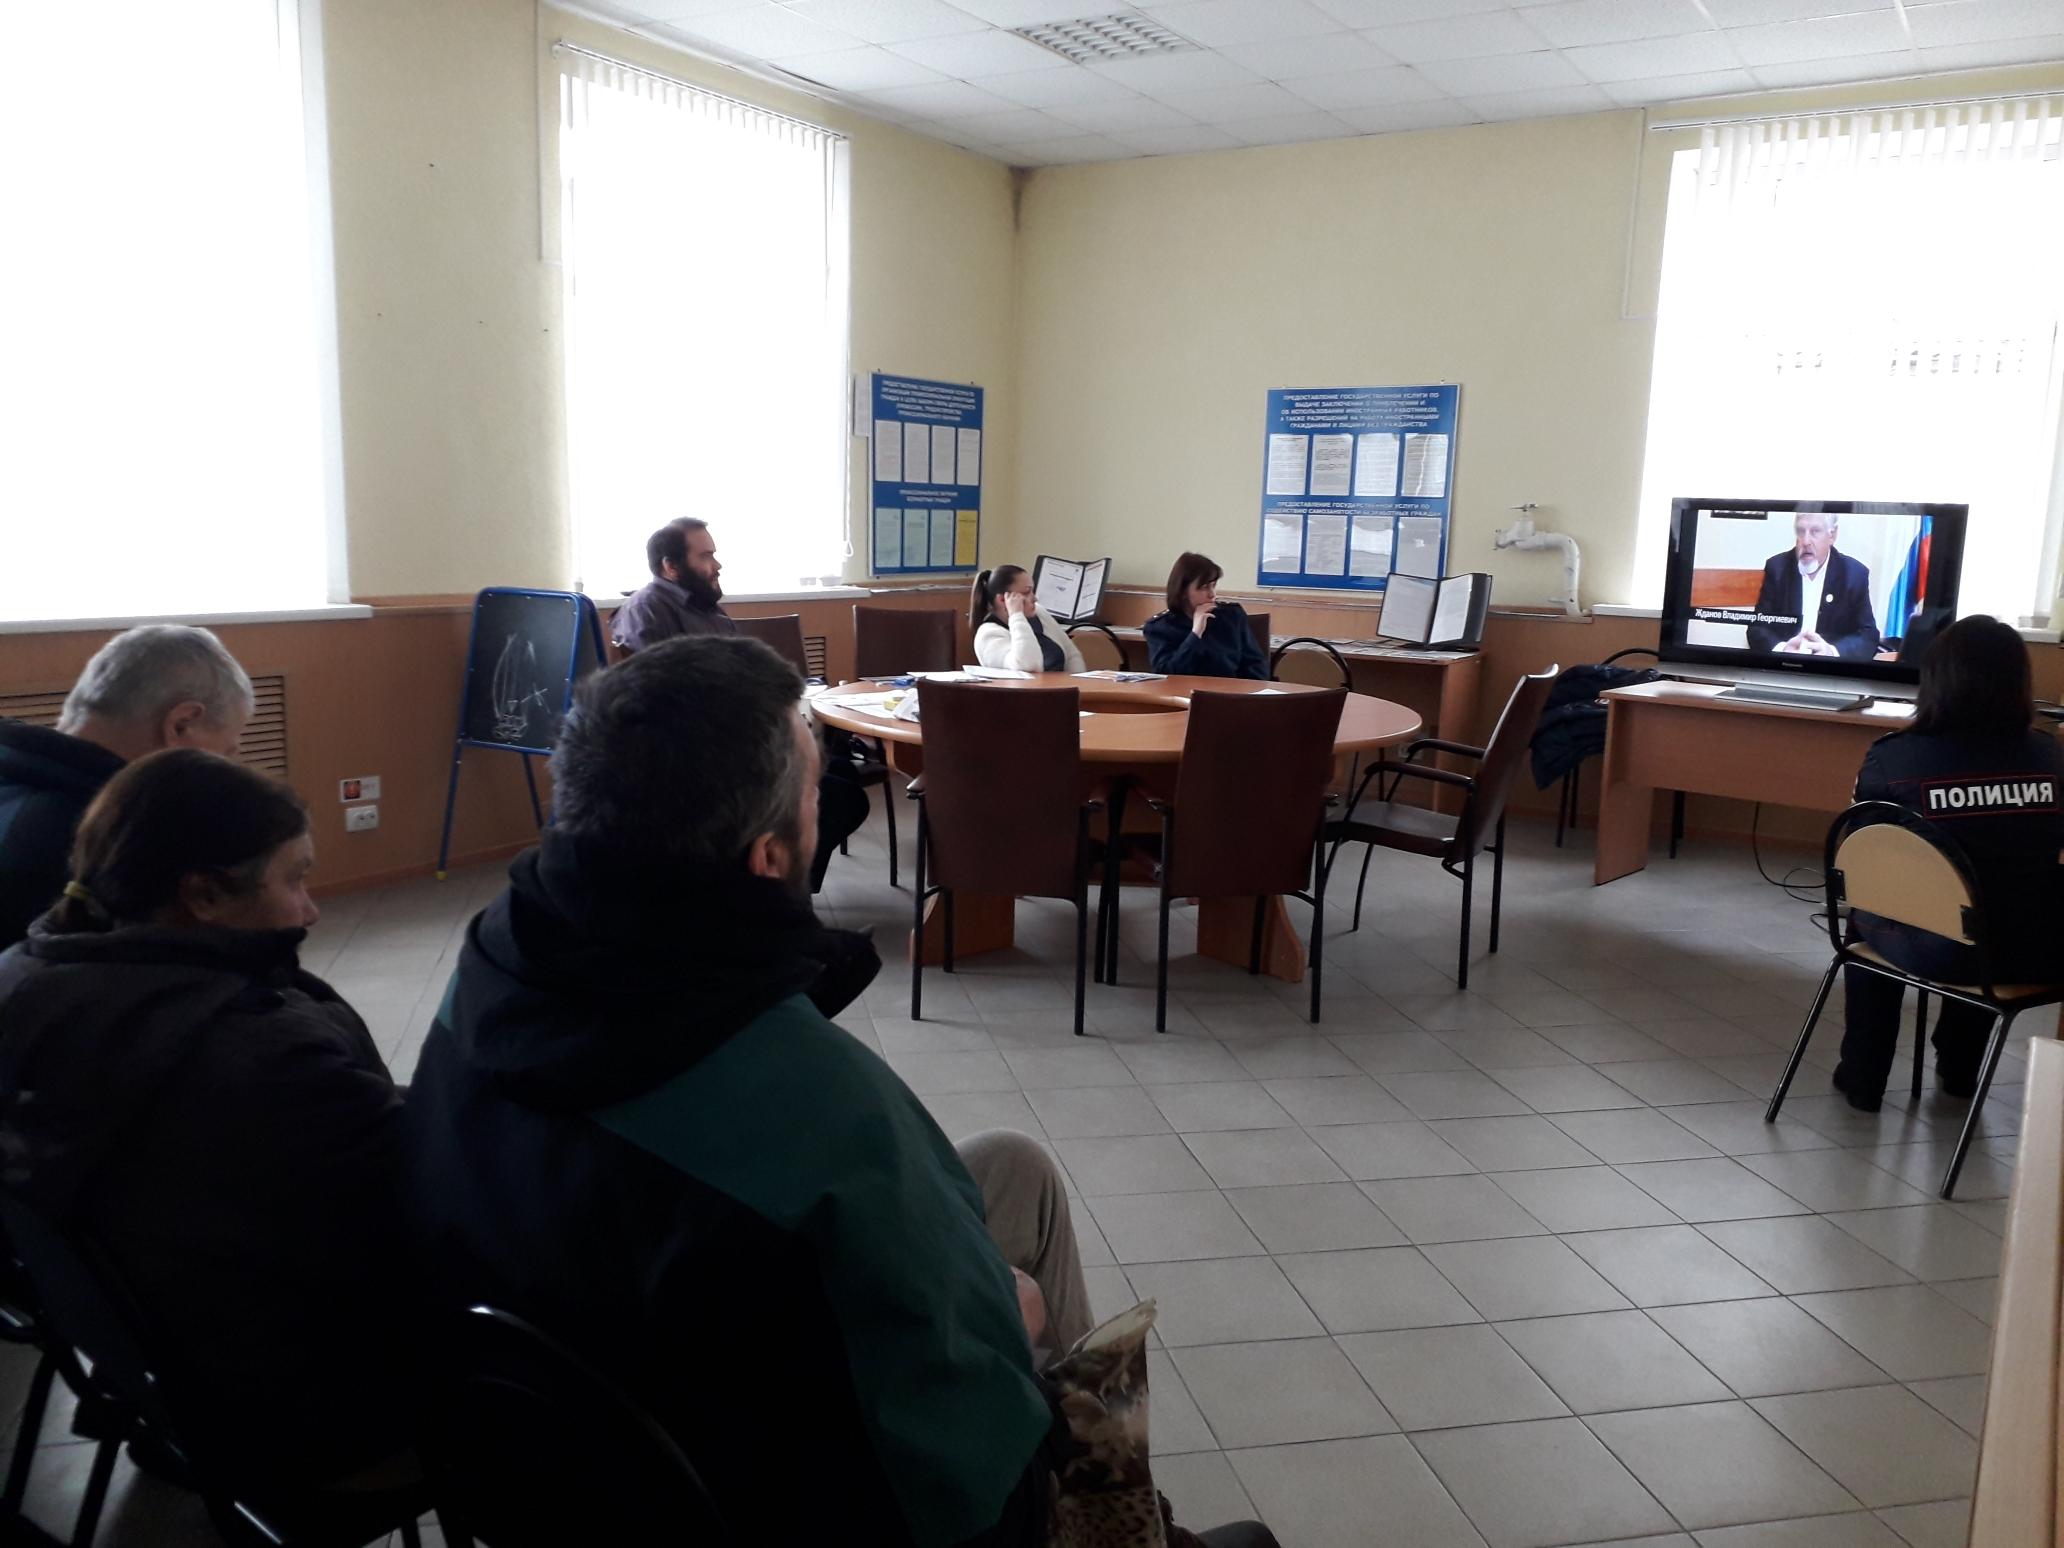 Общее дело на встрече в Уголовно-исполнительной инспекции УФСИН России по Невельскому району Псковской области